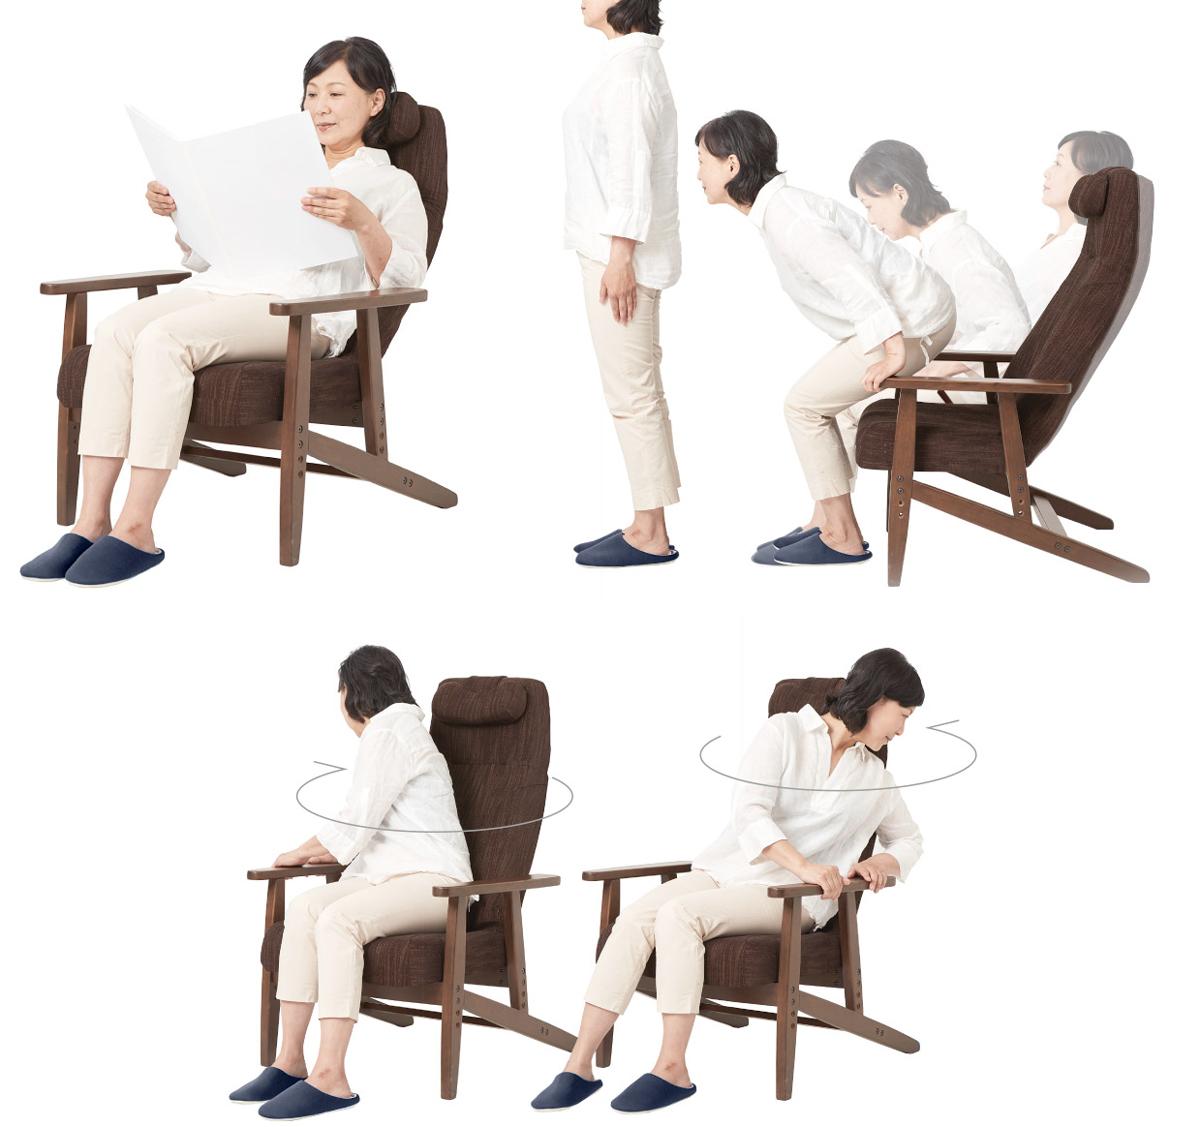 体の軸はブレずに、効率よく動けるように設計。体にいい姿勢でリラックス!首も腰も好きな角度に調節できる「寝椅子(リラックスチェア)」|P!nto